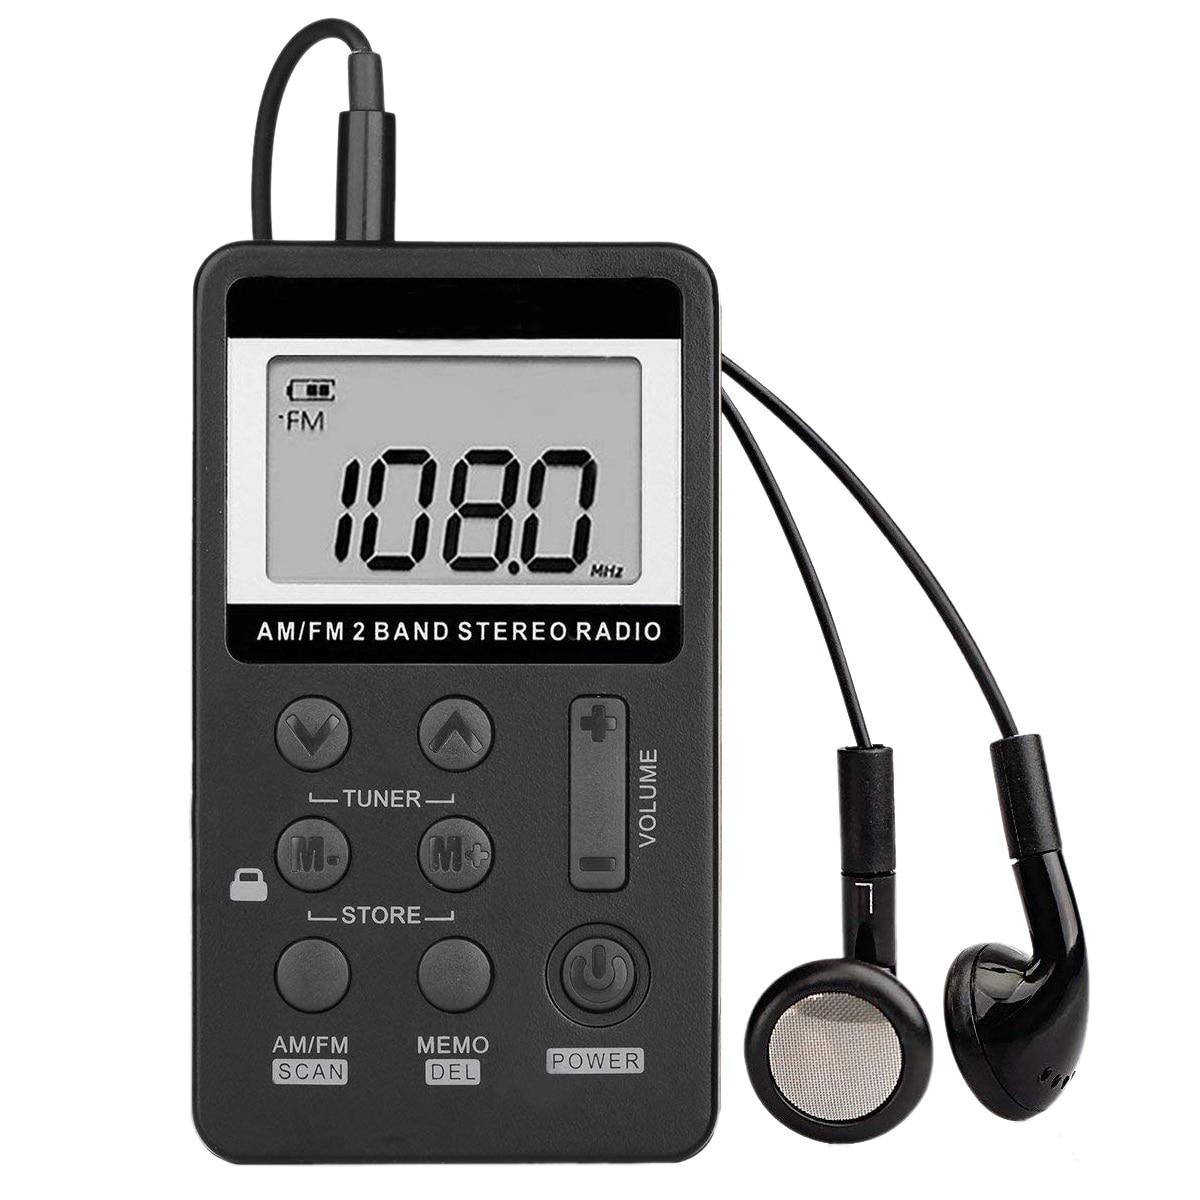 Radio Mini Digital Tuning Stereo Mit Akku Und Kopfhörer Für Spaziergang/jogging/gym/camping Suche Nach FlüGen Am Fm Tragbare Tasche Radio